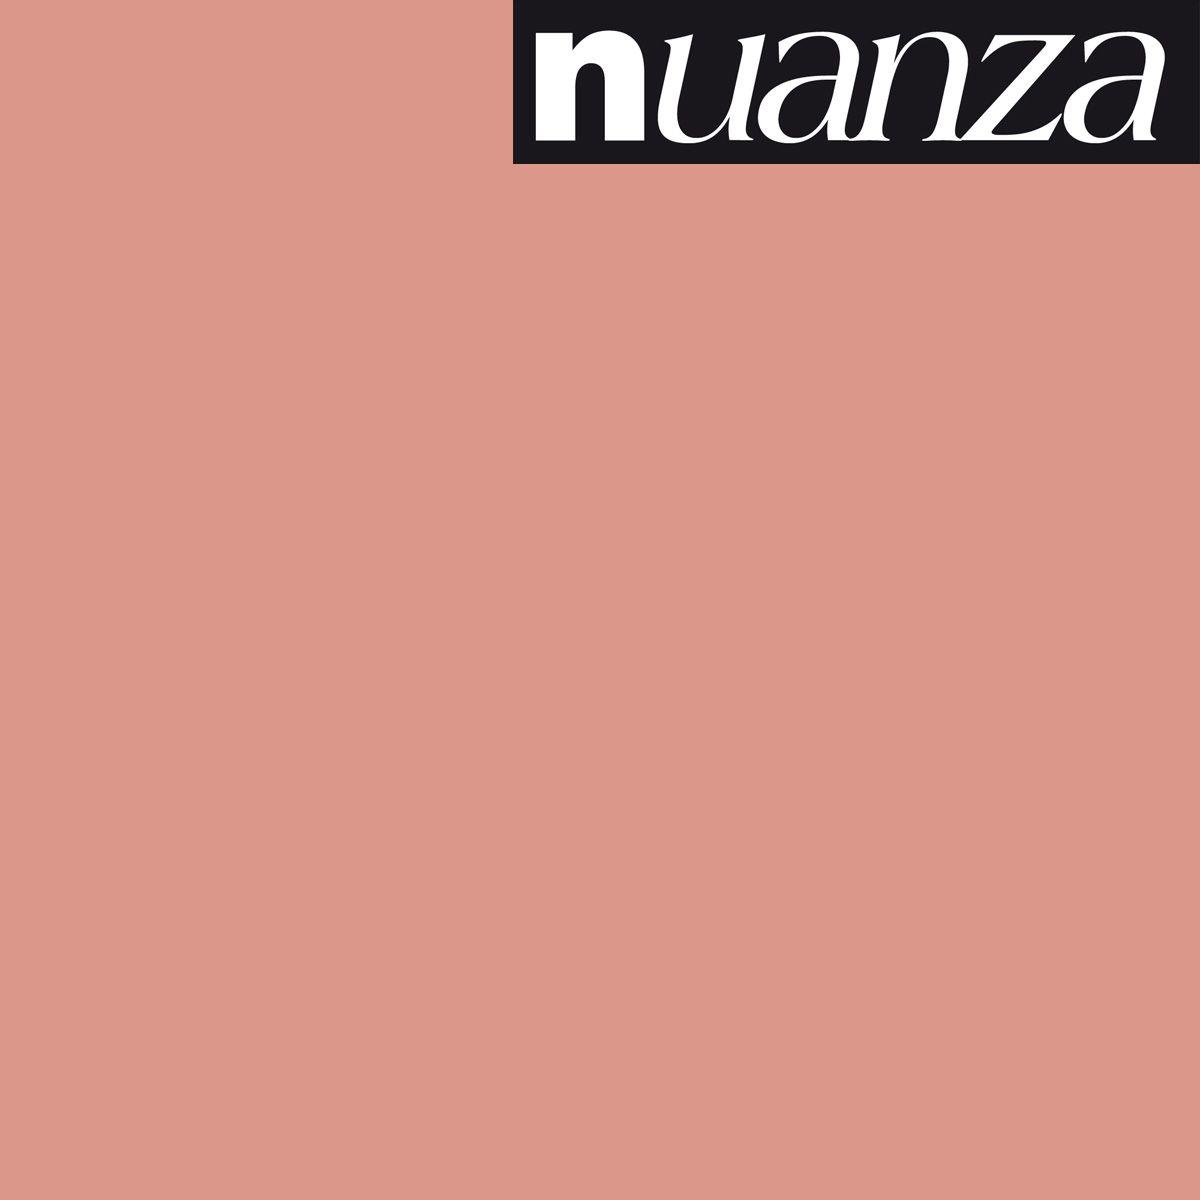 Peinture Nuanza satin peau de peche 0.5l